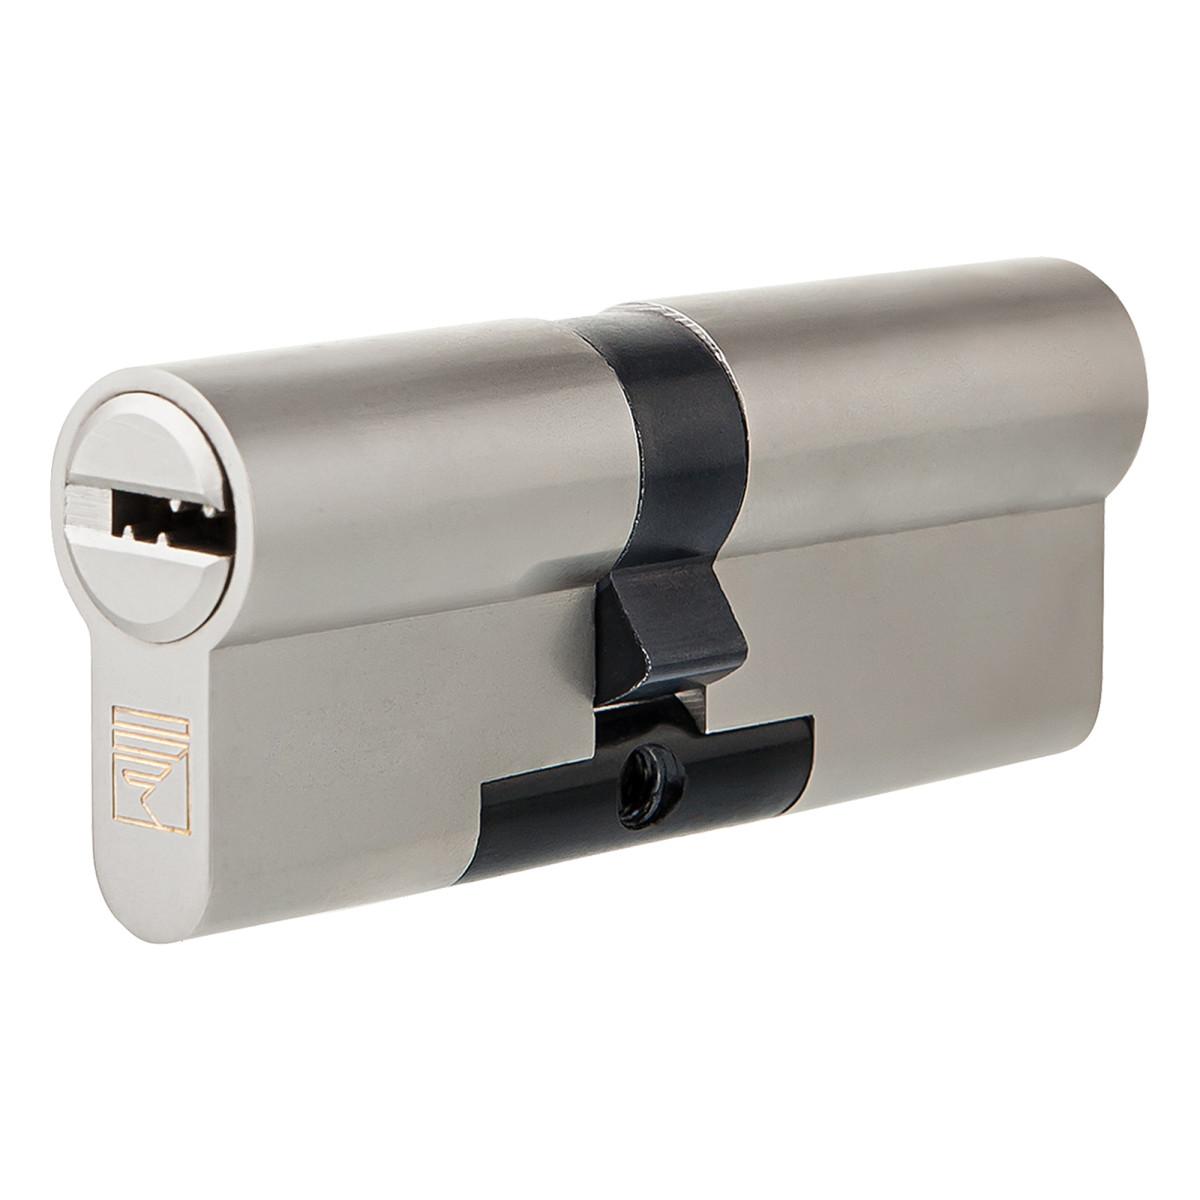 Цилиндр Apecs Premier XR-60-NI 30x30 мм ключ/ключ цвет никель